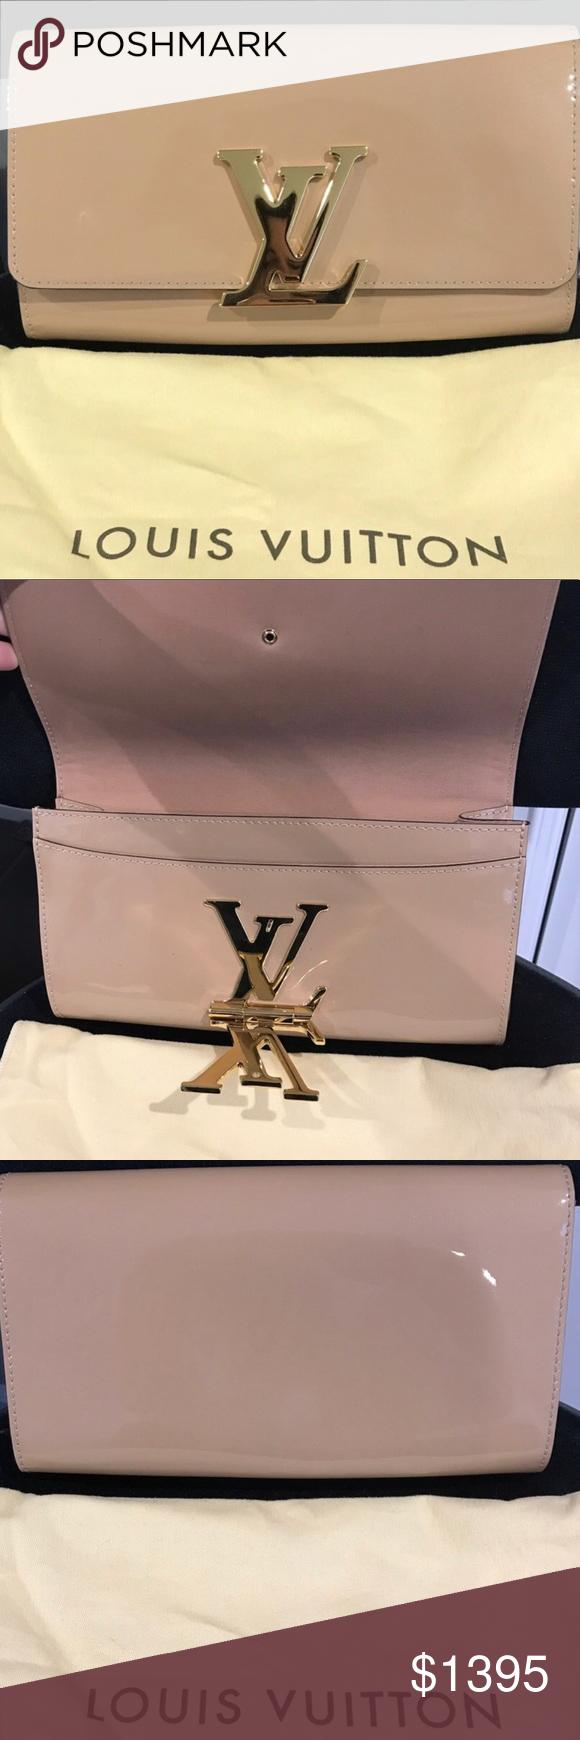 f2ff5d884de4 Louis Vuitton Louise EW Clutch Nude Patent Leather Excellent condition